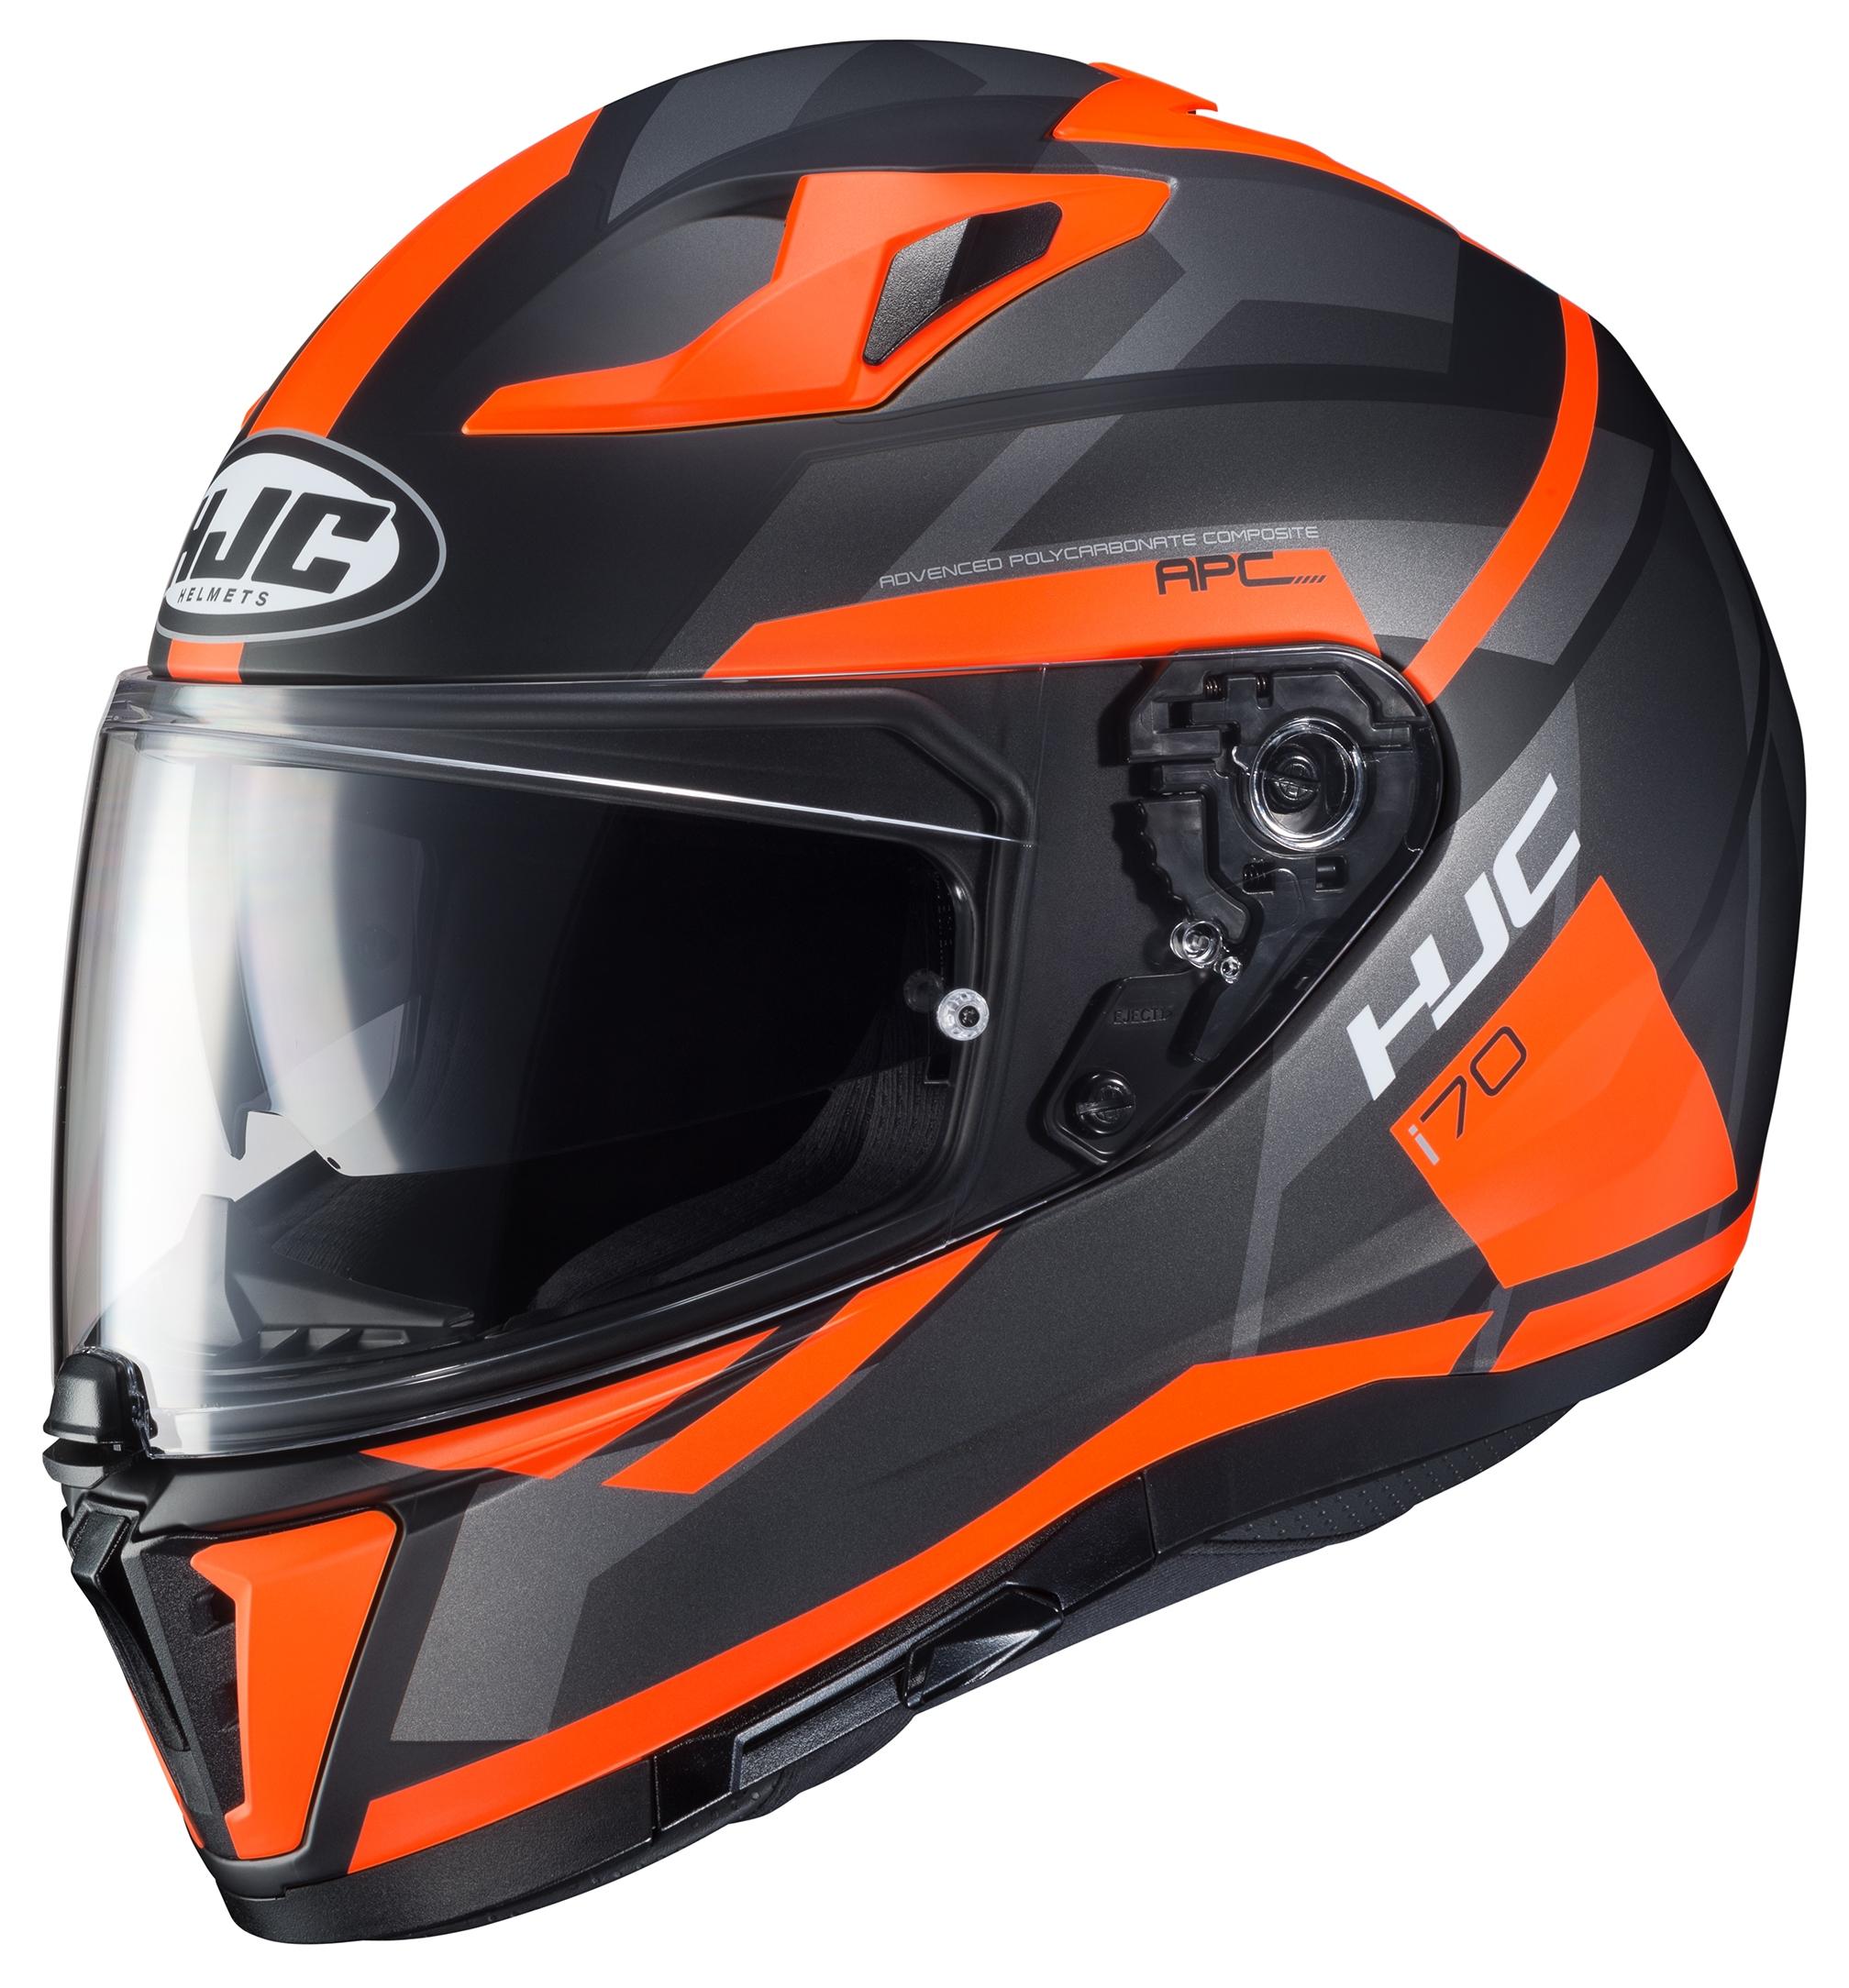 782f0fe1 HJC i 70 Elim Helmet - Cycle Gear